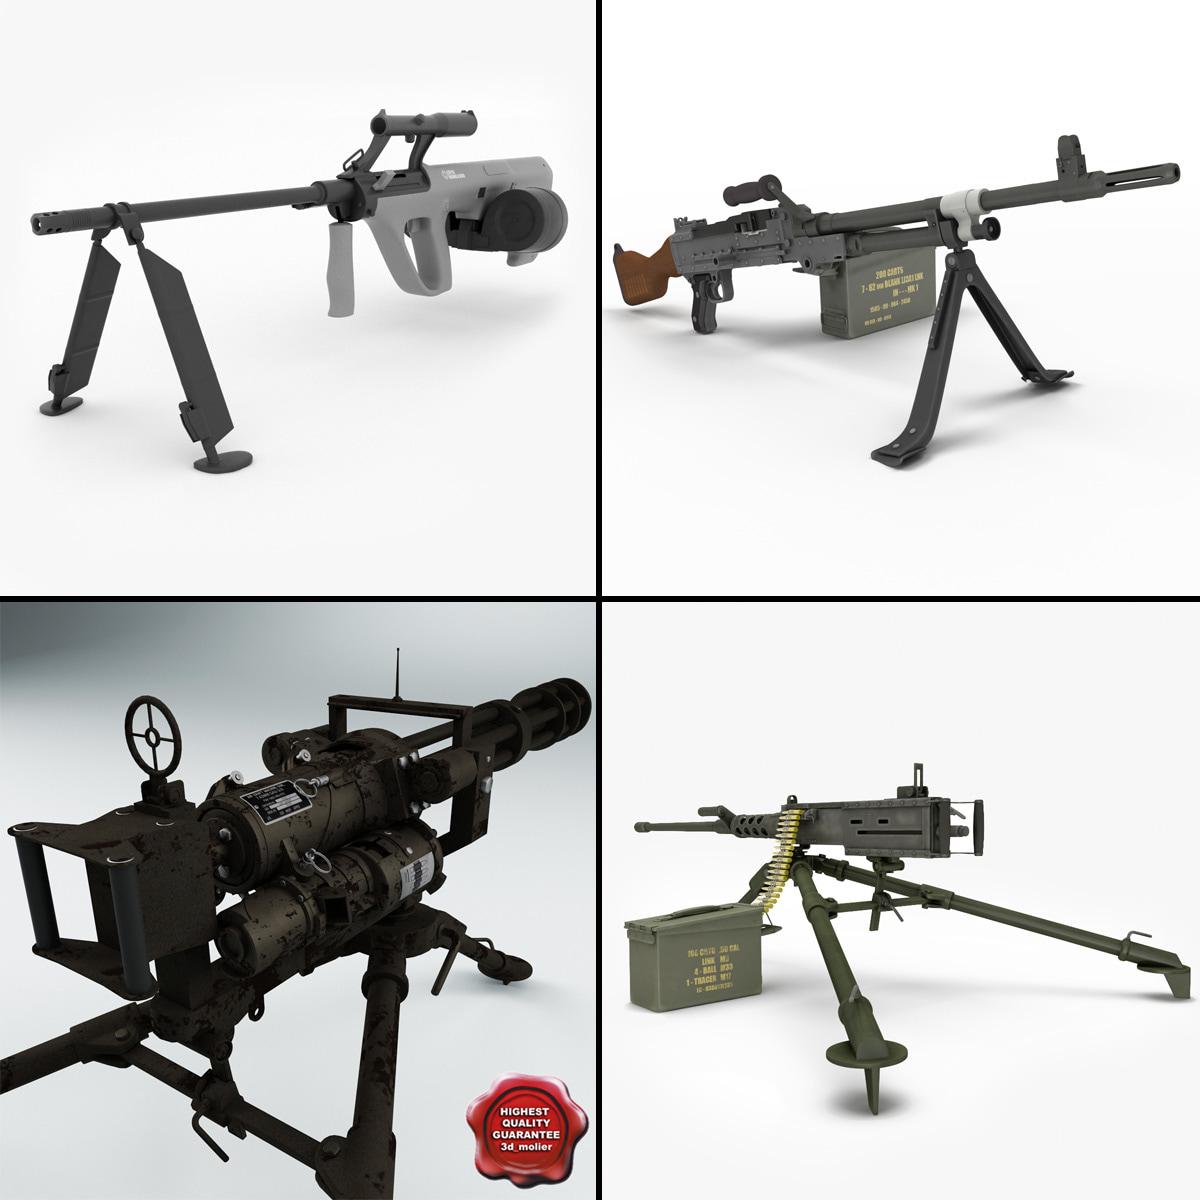 3d model of machine guns v1